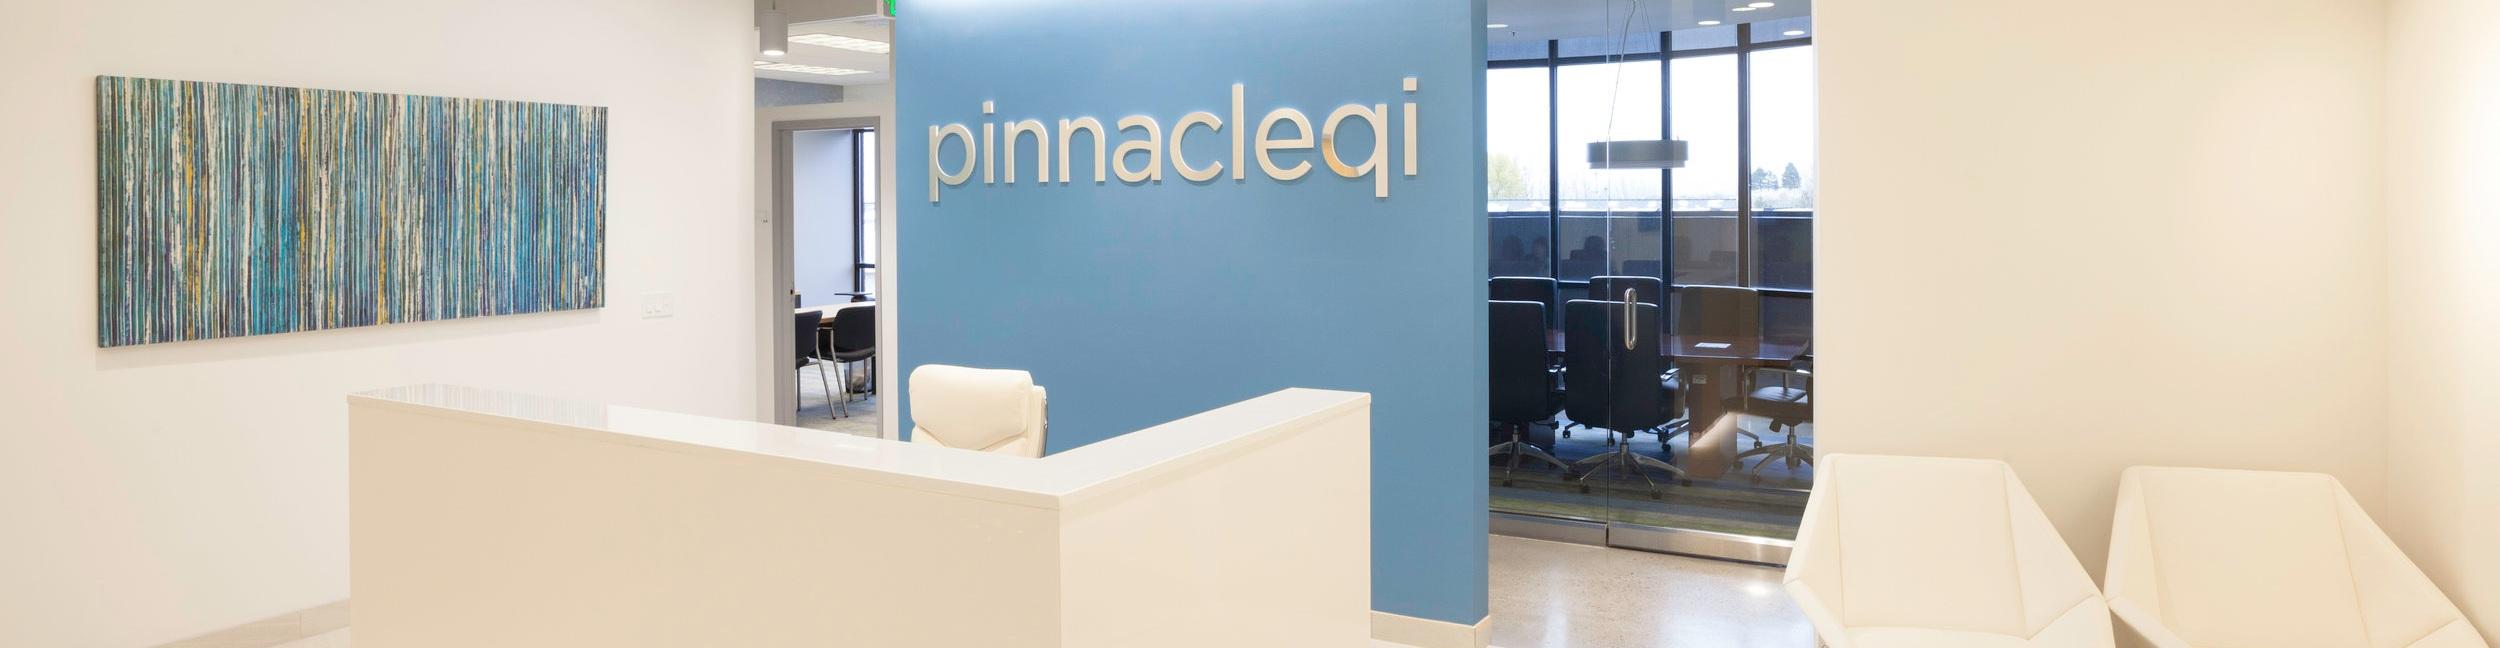 Pinnacle Office